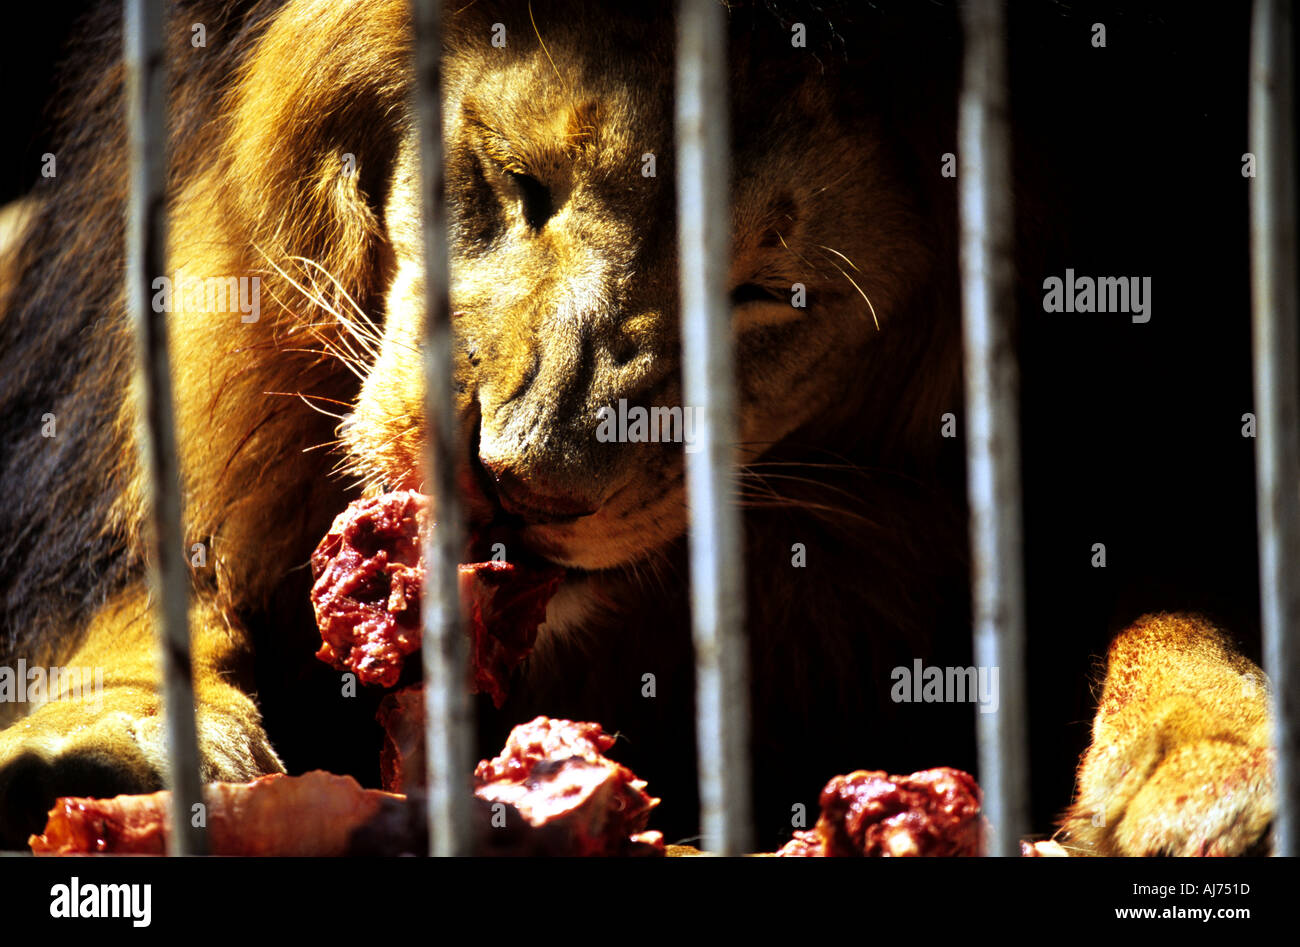 Casa De Leoes abissínia leões que são descendentes daqueles pertencentes ao